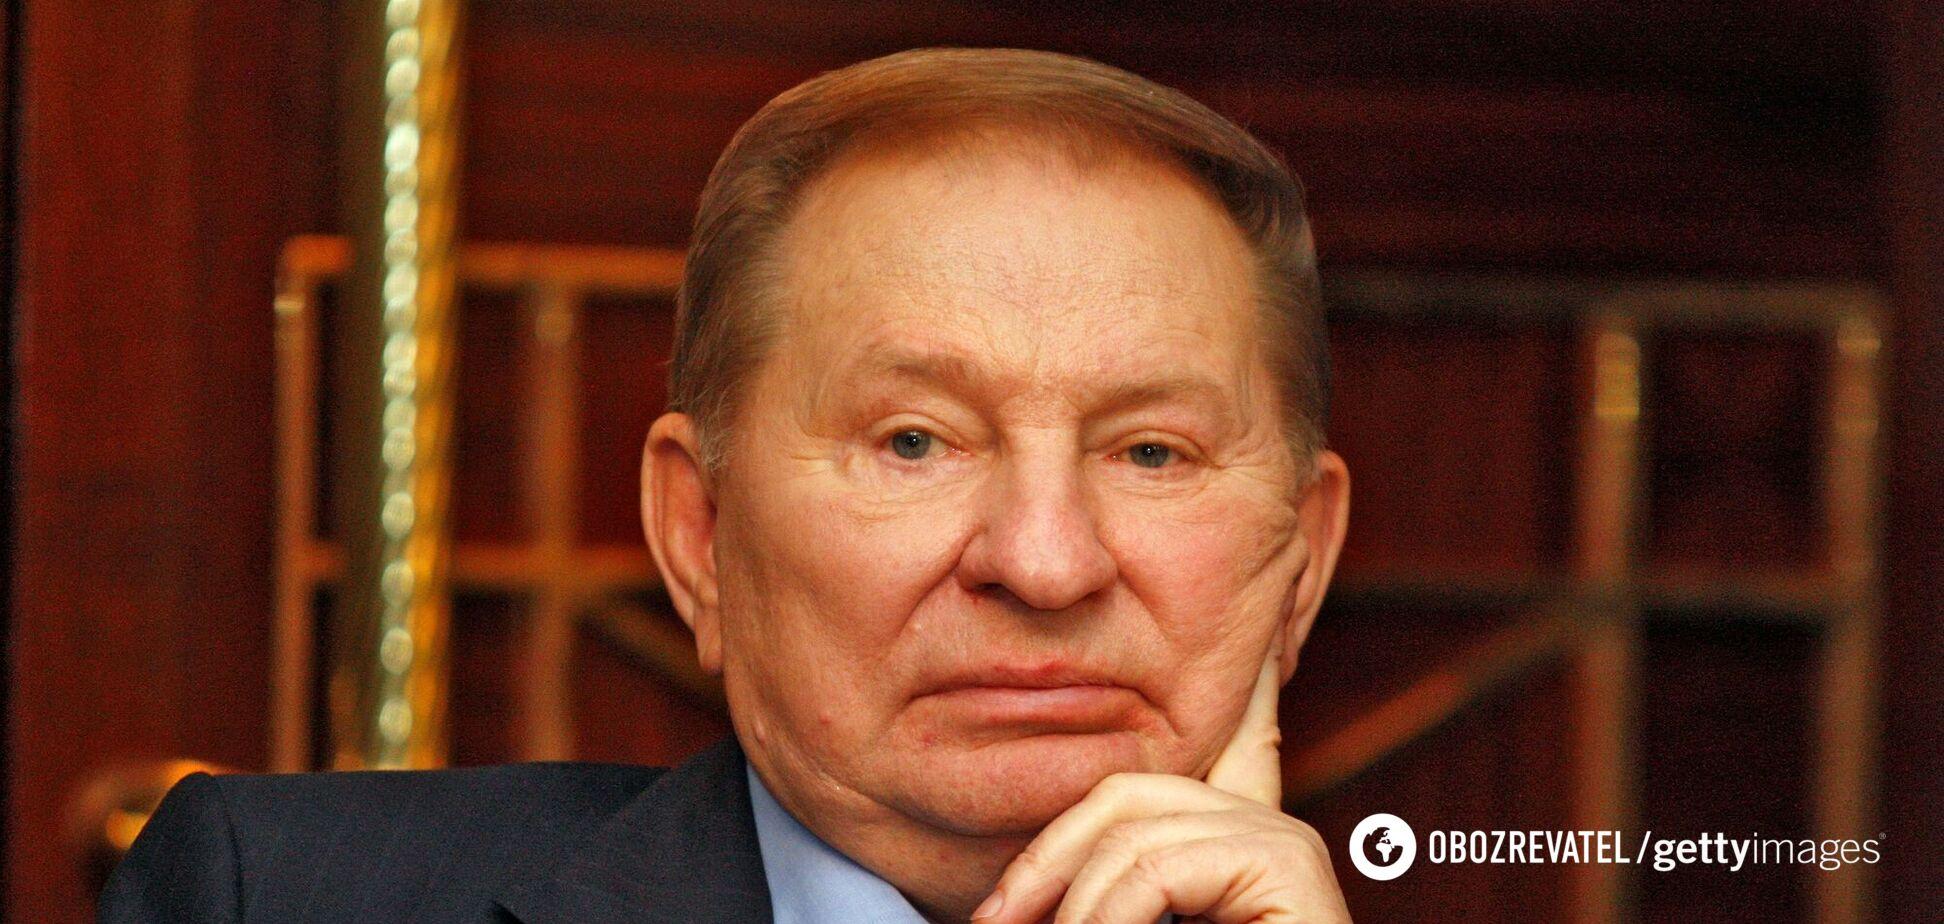 Кучма ухилився від питання, чи вважає Путіна вбивцею, та назвав дві свої помилки